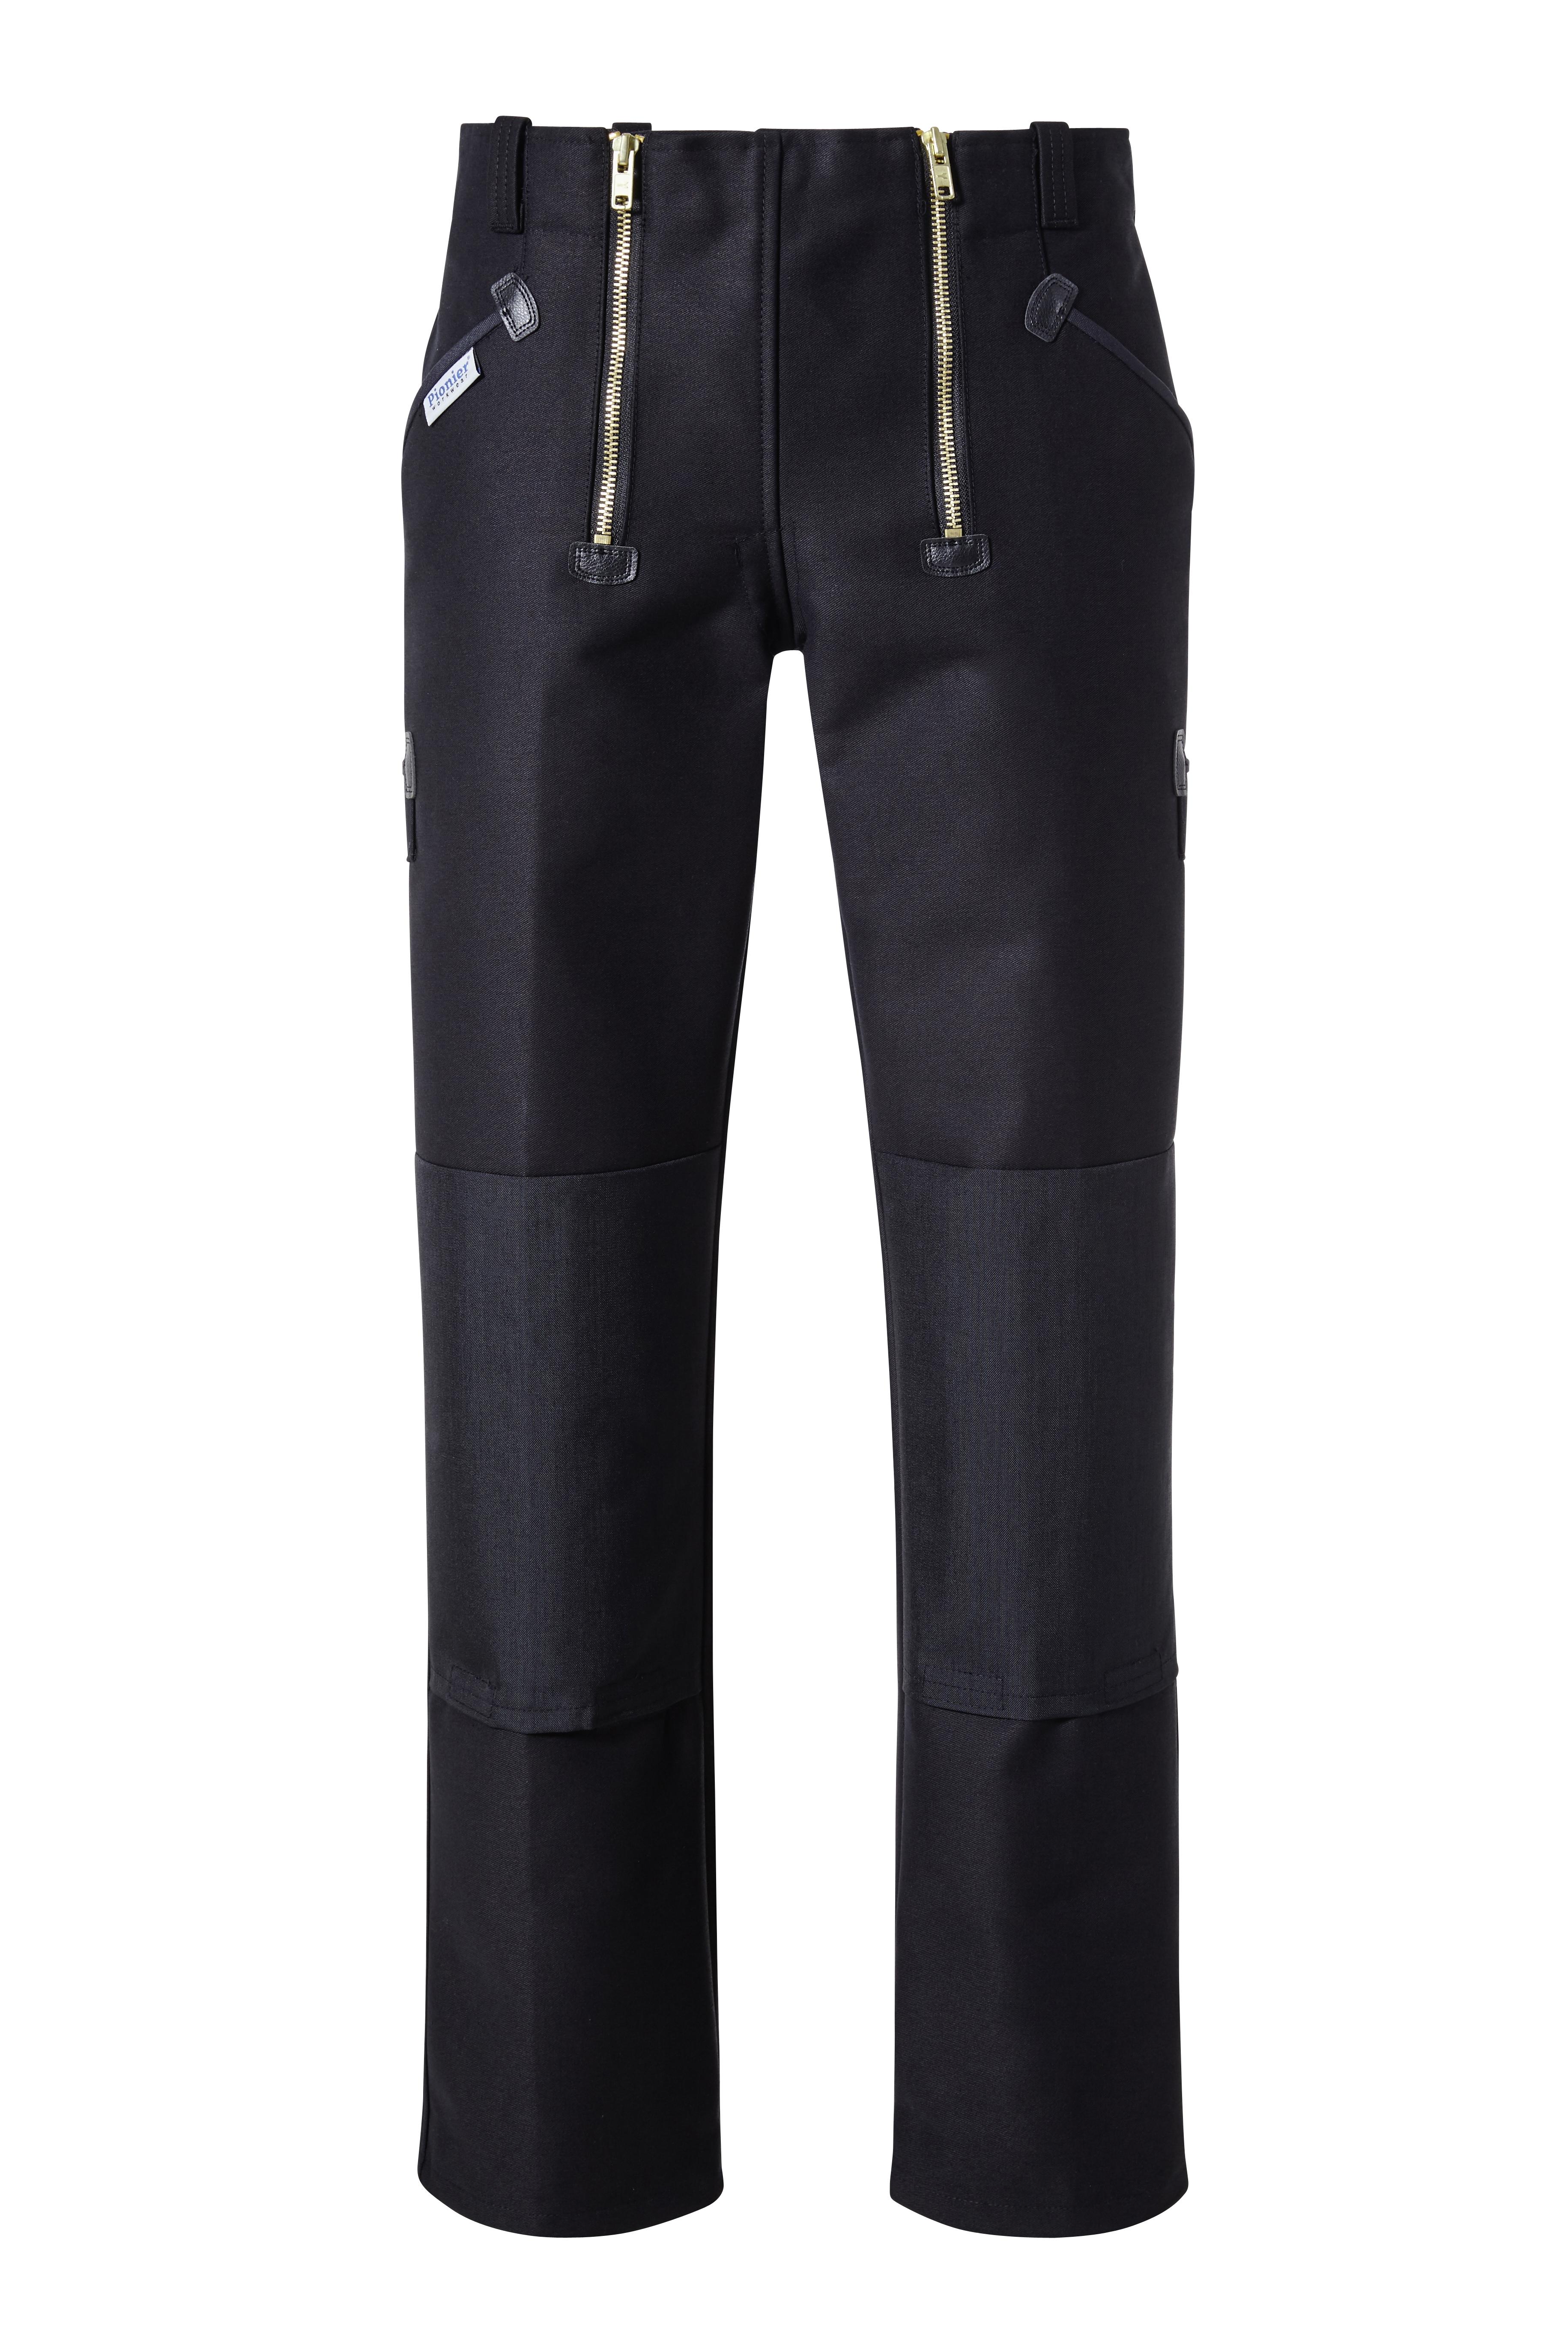 pantalon de travail pour charpentier en moleskine avec renfort genoux 330 pionier v tements. Black Bedroom Furniture Sets. Home Design Ideas